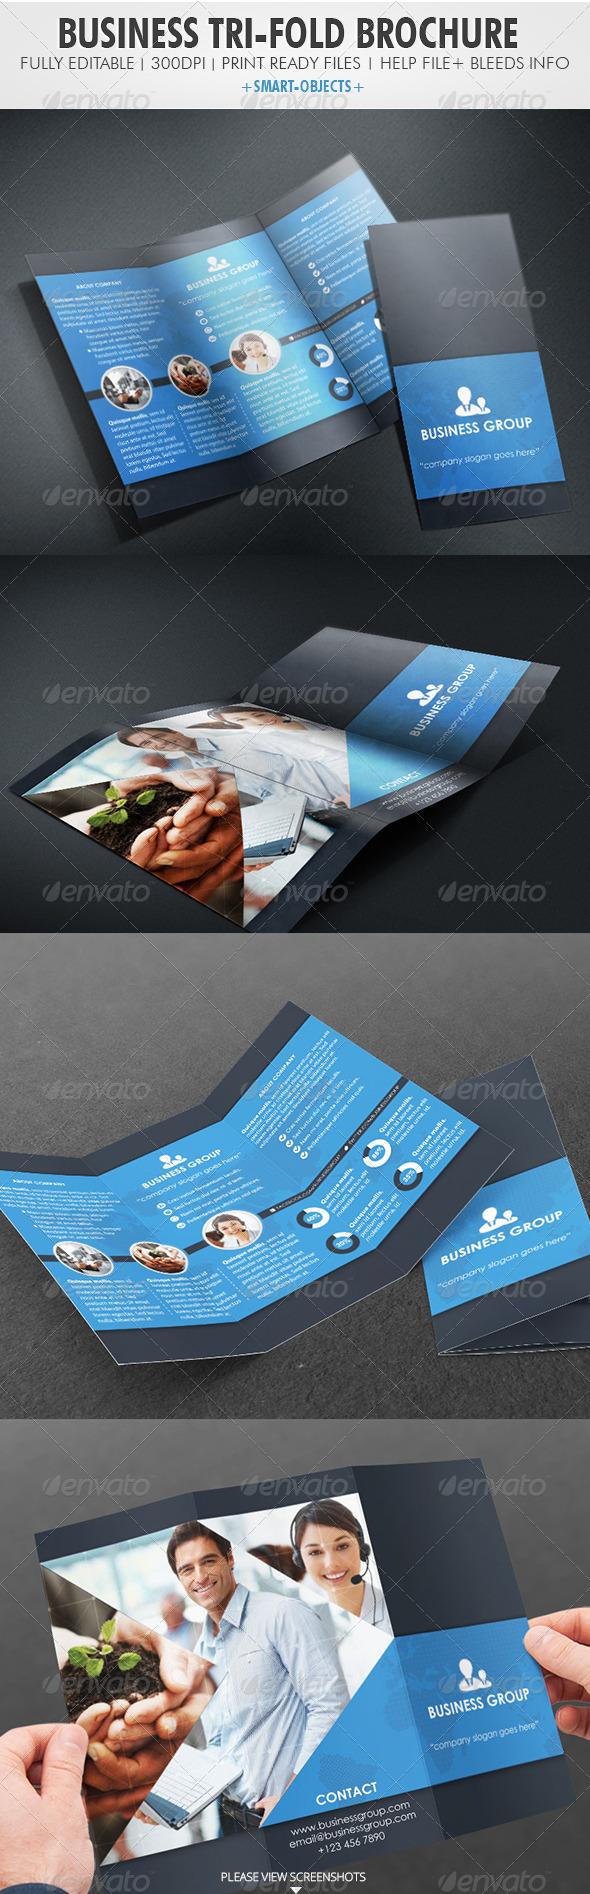 GraphicRiver Business Tri-fold Brochure 4188008